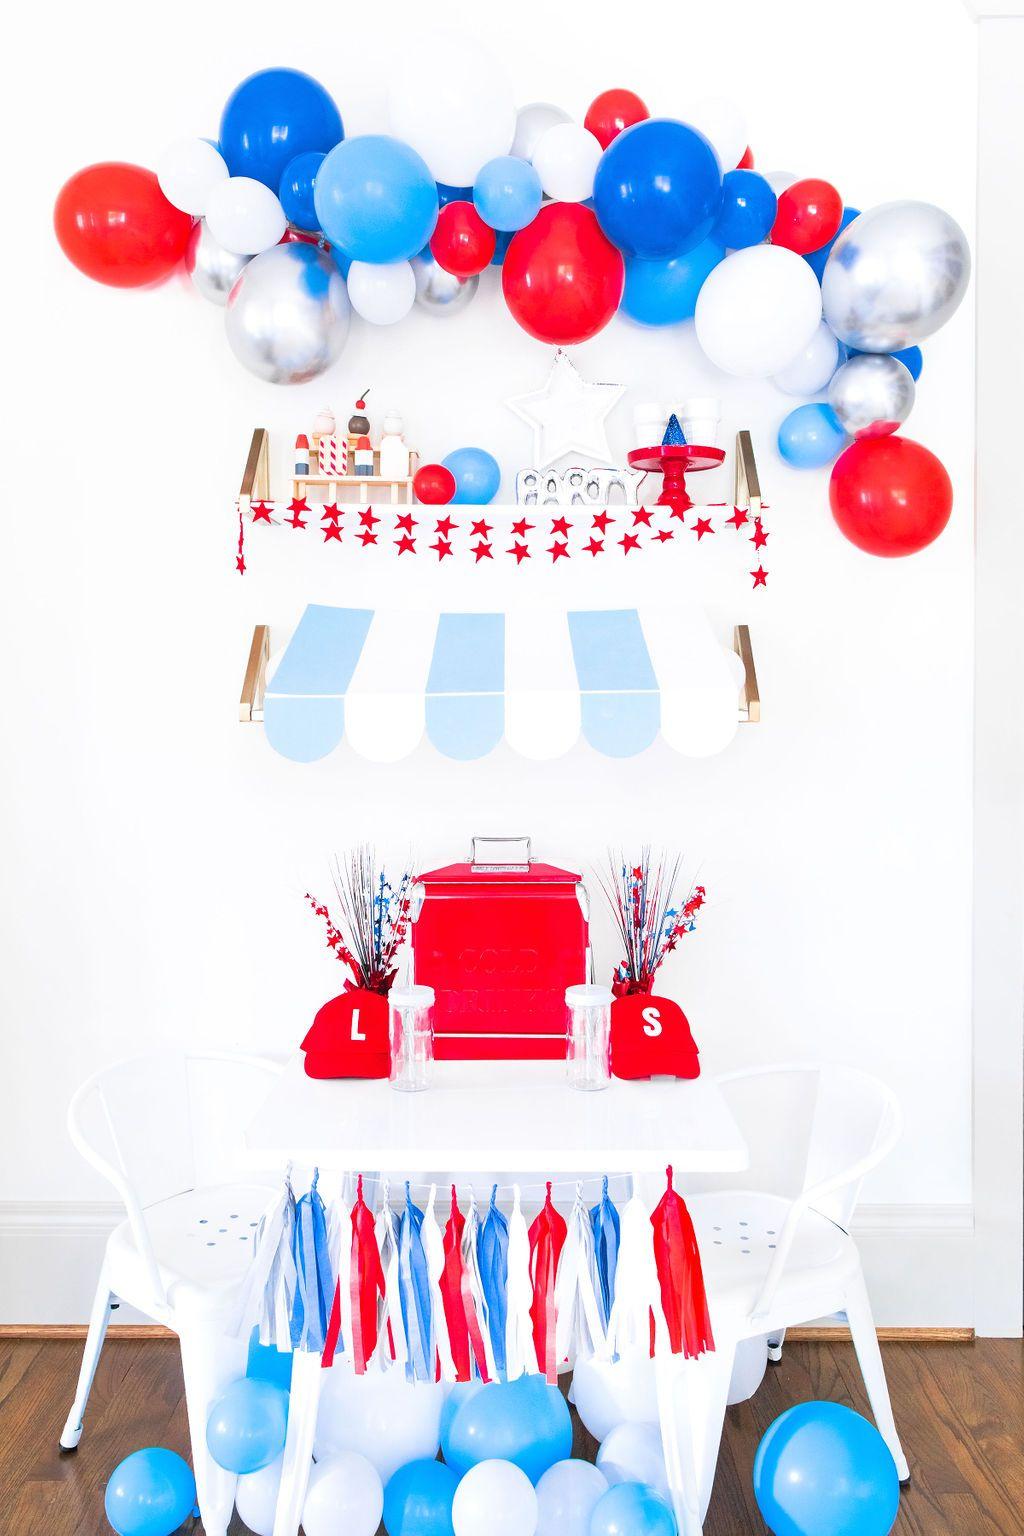 Balloon Arch Kit, Balloon Garland, DIY Balloon Garland Kit